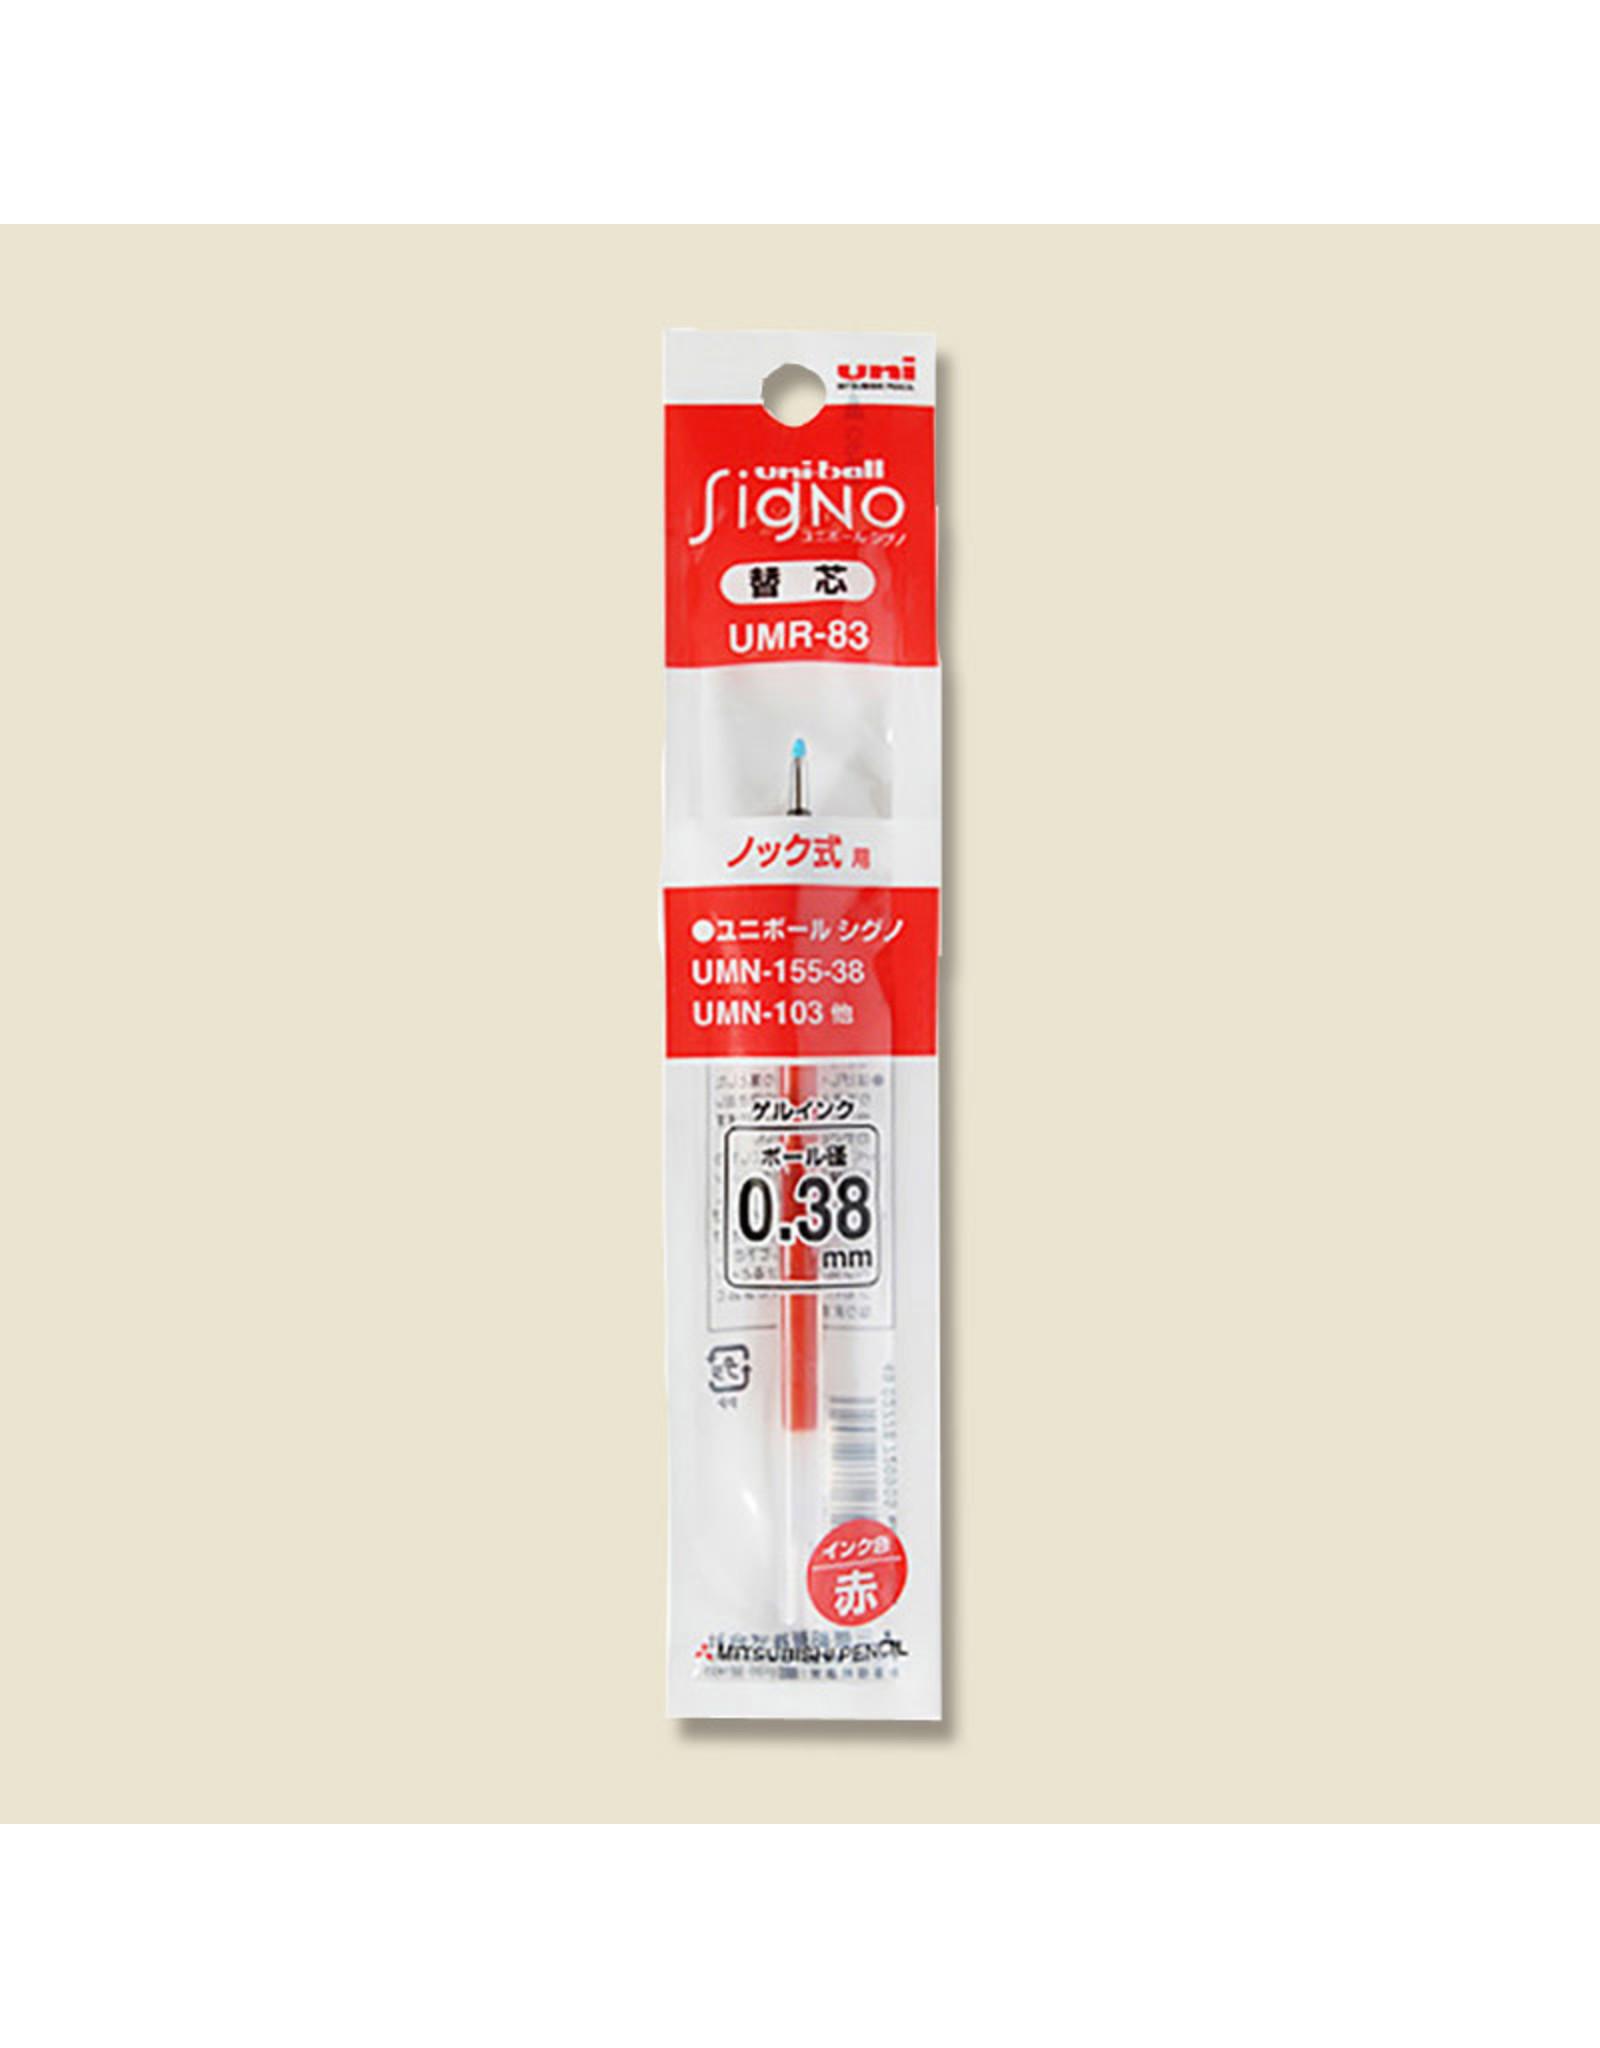 Mitsubishi Pencil Co., Ltd. UNI-BALL SIGNO REFILL RED 0.38 MM  UMR-83